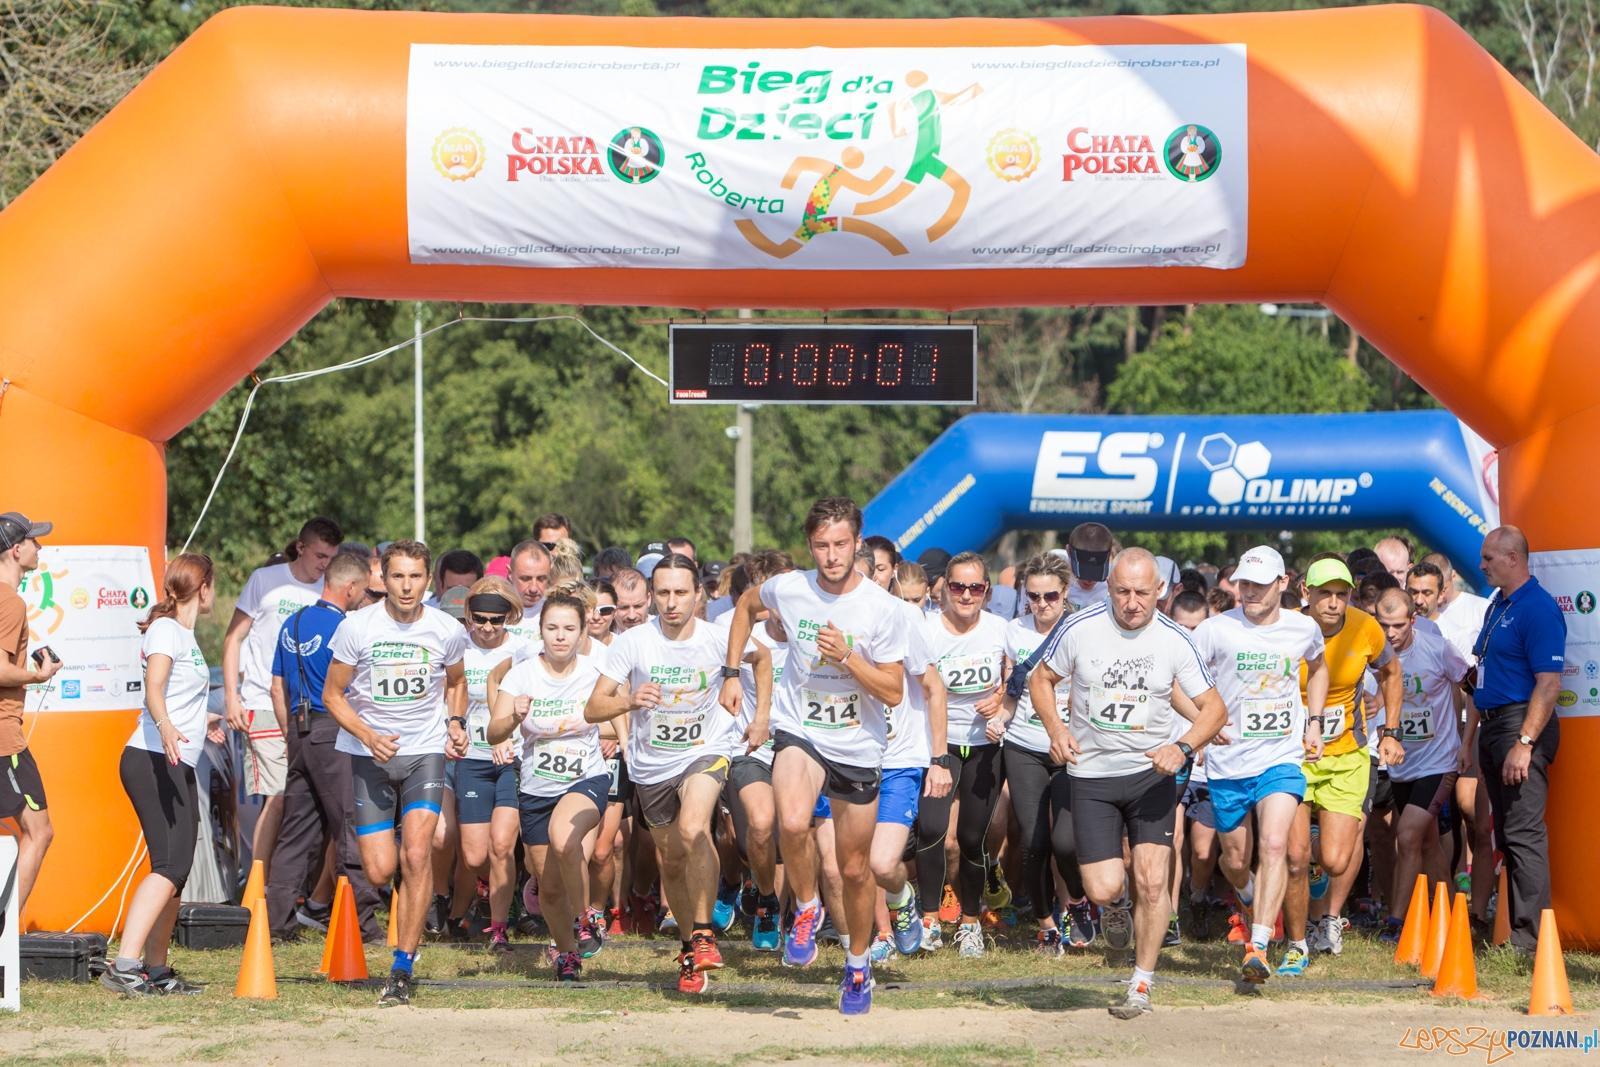 Bieg dla dzieci Roberta  Foto: lepszyPOZNAN.pl / Piotr Rychter